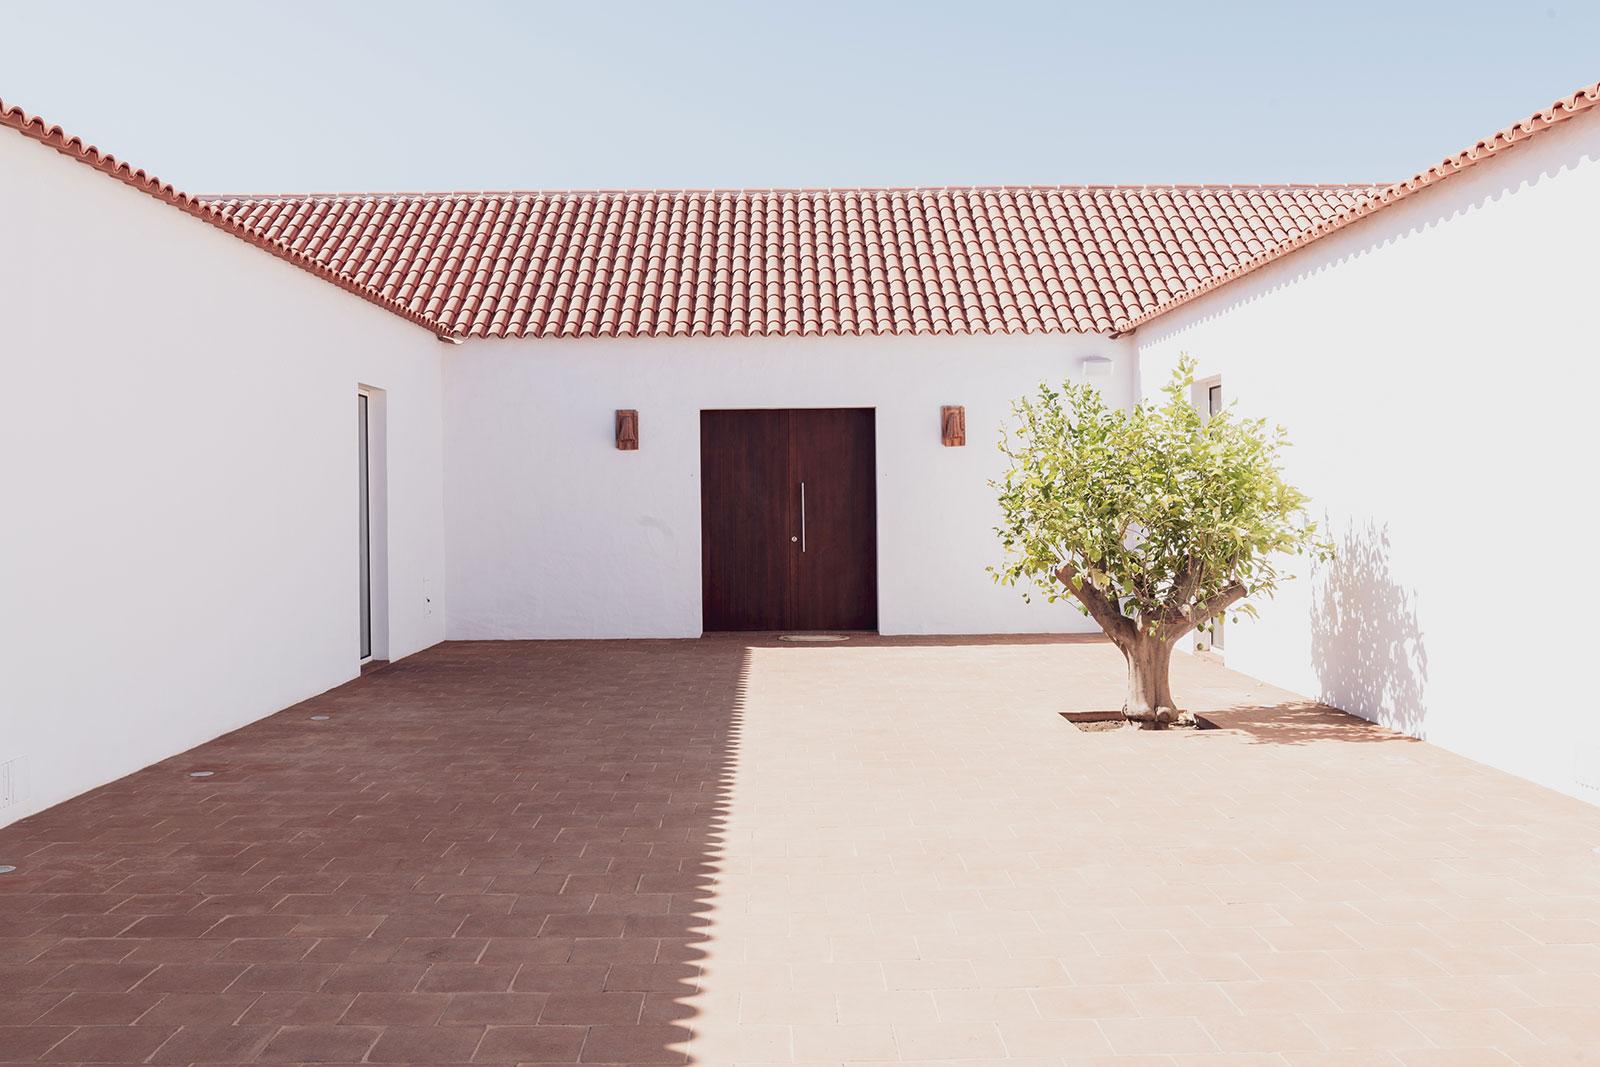 Casa do Ancoradouro. Photography: Francisco Van Zeller